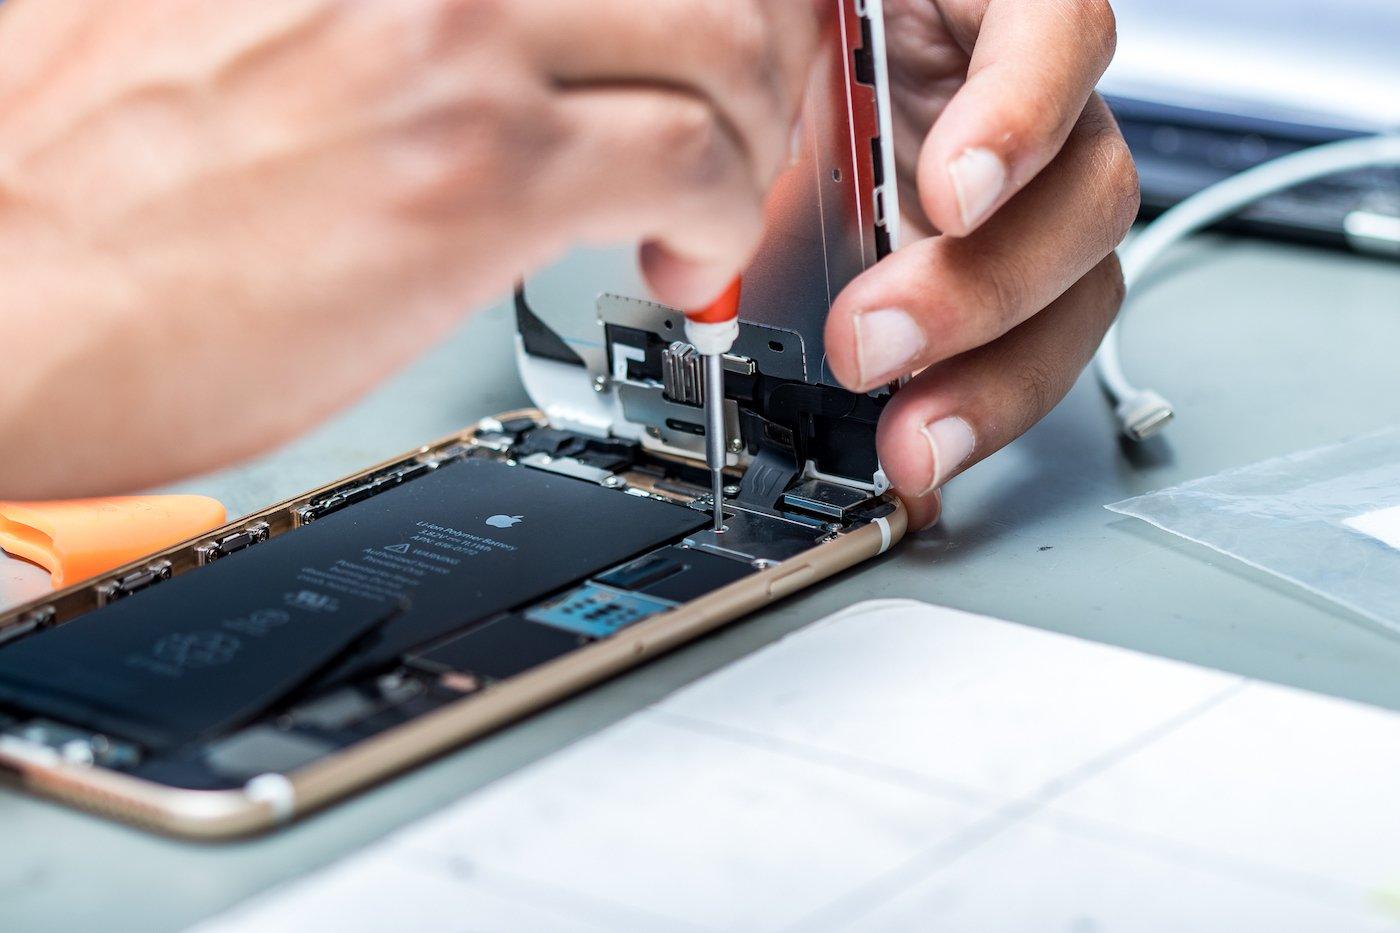 قوانین فرانسه اپل را مجبور به نمایش شاخص تعمیرپذیری محصولاتش کرد